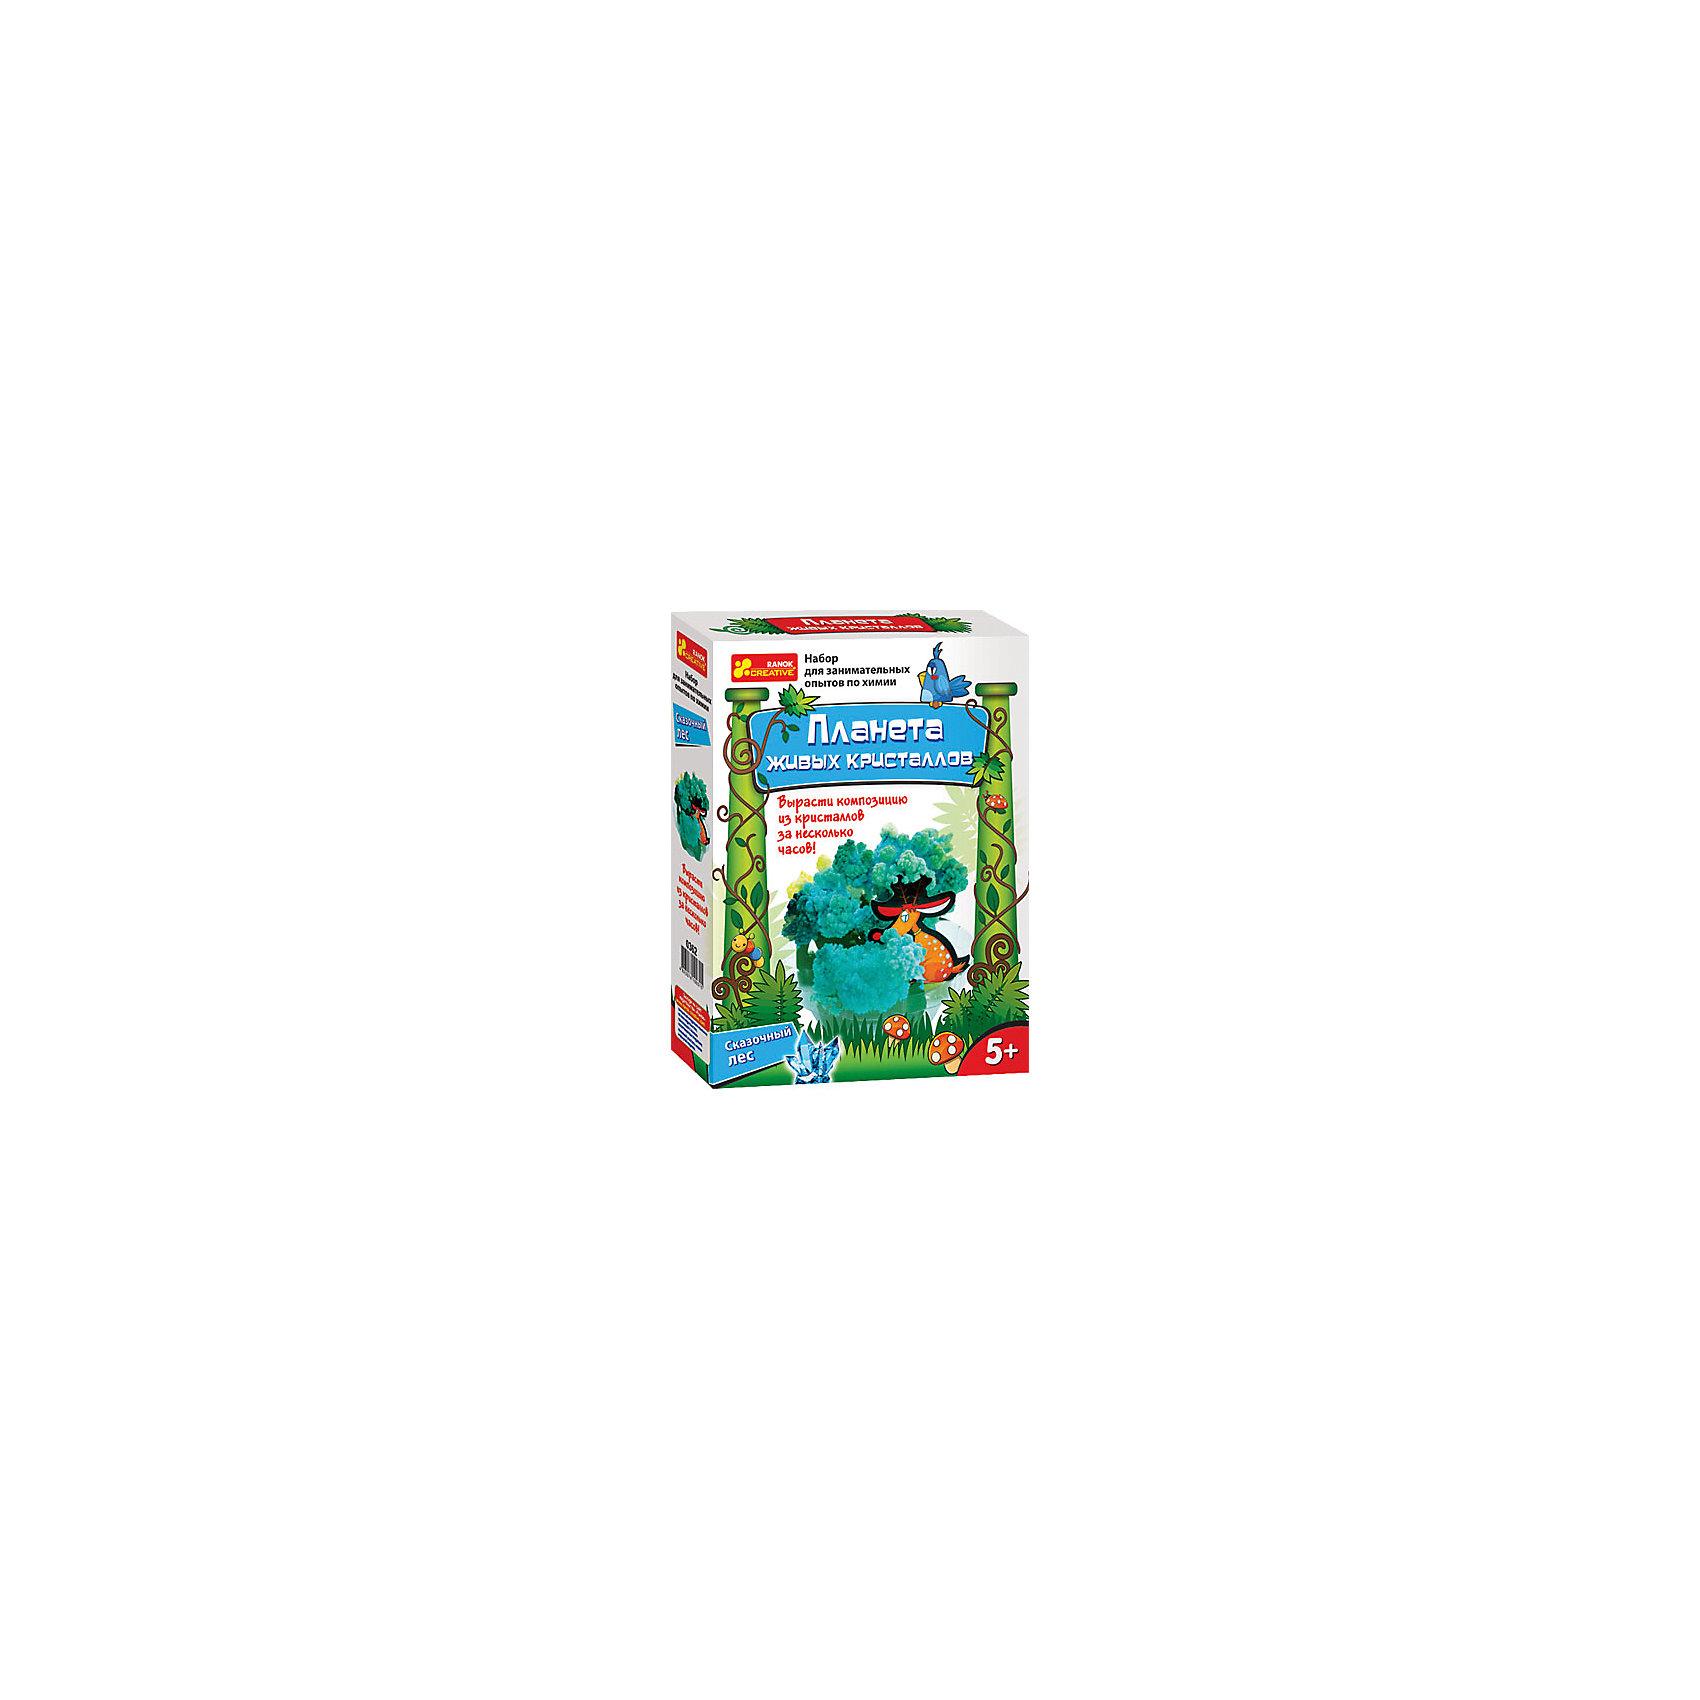 Сказочный лесКартины из песка<br>Характеристики:<br><br>• Вид игр: развивающие, обучающие занятия<br>• Предназначение: для проведения опытов в домашних условиях<br>• Пол: универсальный<br>• Предметная область: химия<br>• Комплектация: картонные элементы для сборки деревьев, подставка-держатель, пакетик с раствором, руководство-инструкция<br>• Материал: картон, пластик, реактив<br>• Размеры упаковки (Д*Ш*В): 17*5*22 см<br>• Вес упаковки: 110 г <br>• Упаковка: картонная коробка<br><br>Сказочный лес разработан компанией, специализирующейся на производстве товаров для организации творческого досуга детей разного возраста – Ranok Creative. Набор состоит из материалов и приспособлений для выращивания кристаллов за короткий промежуток времени. Поделка-основа выполнена в виде лесного пейзажа, который собирается из картонных деталей. Специальный раствор заливается в подставку-основу. Скорость роста кристаллов можно регулировать температурным режимом и уровнем влажности в помещении. Все материалы, использованные в наборе, имеют натуральную основу, они нетоксичны и безопасны. Увлекательные наборы экспериментов от Ranok Creative позволят проводить интересные и увлекательные занятия для детей. Экспериментальная деятельность способствует развитию у детей креативного мышления, любознательности и интеллекта. <br>Сказочный лес даст возможность освоить сложные химические процессы в легкой игровой форме.<br><br>Сказочный лес можно купить в нашем интернет-магазине.<br><br>Ширина мм: 170<br>Глубина мм: 50<br>Высота мм: 220<br>Вес г: 95<br>Возраст от месяцев: 60<br>Возраст до месяцев: 156<br>Пол: Унисекс<br>Возраст: Детский<br>SKU: 5009314